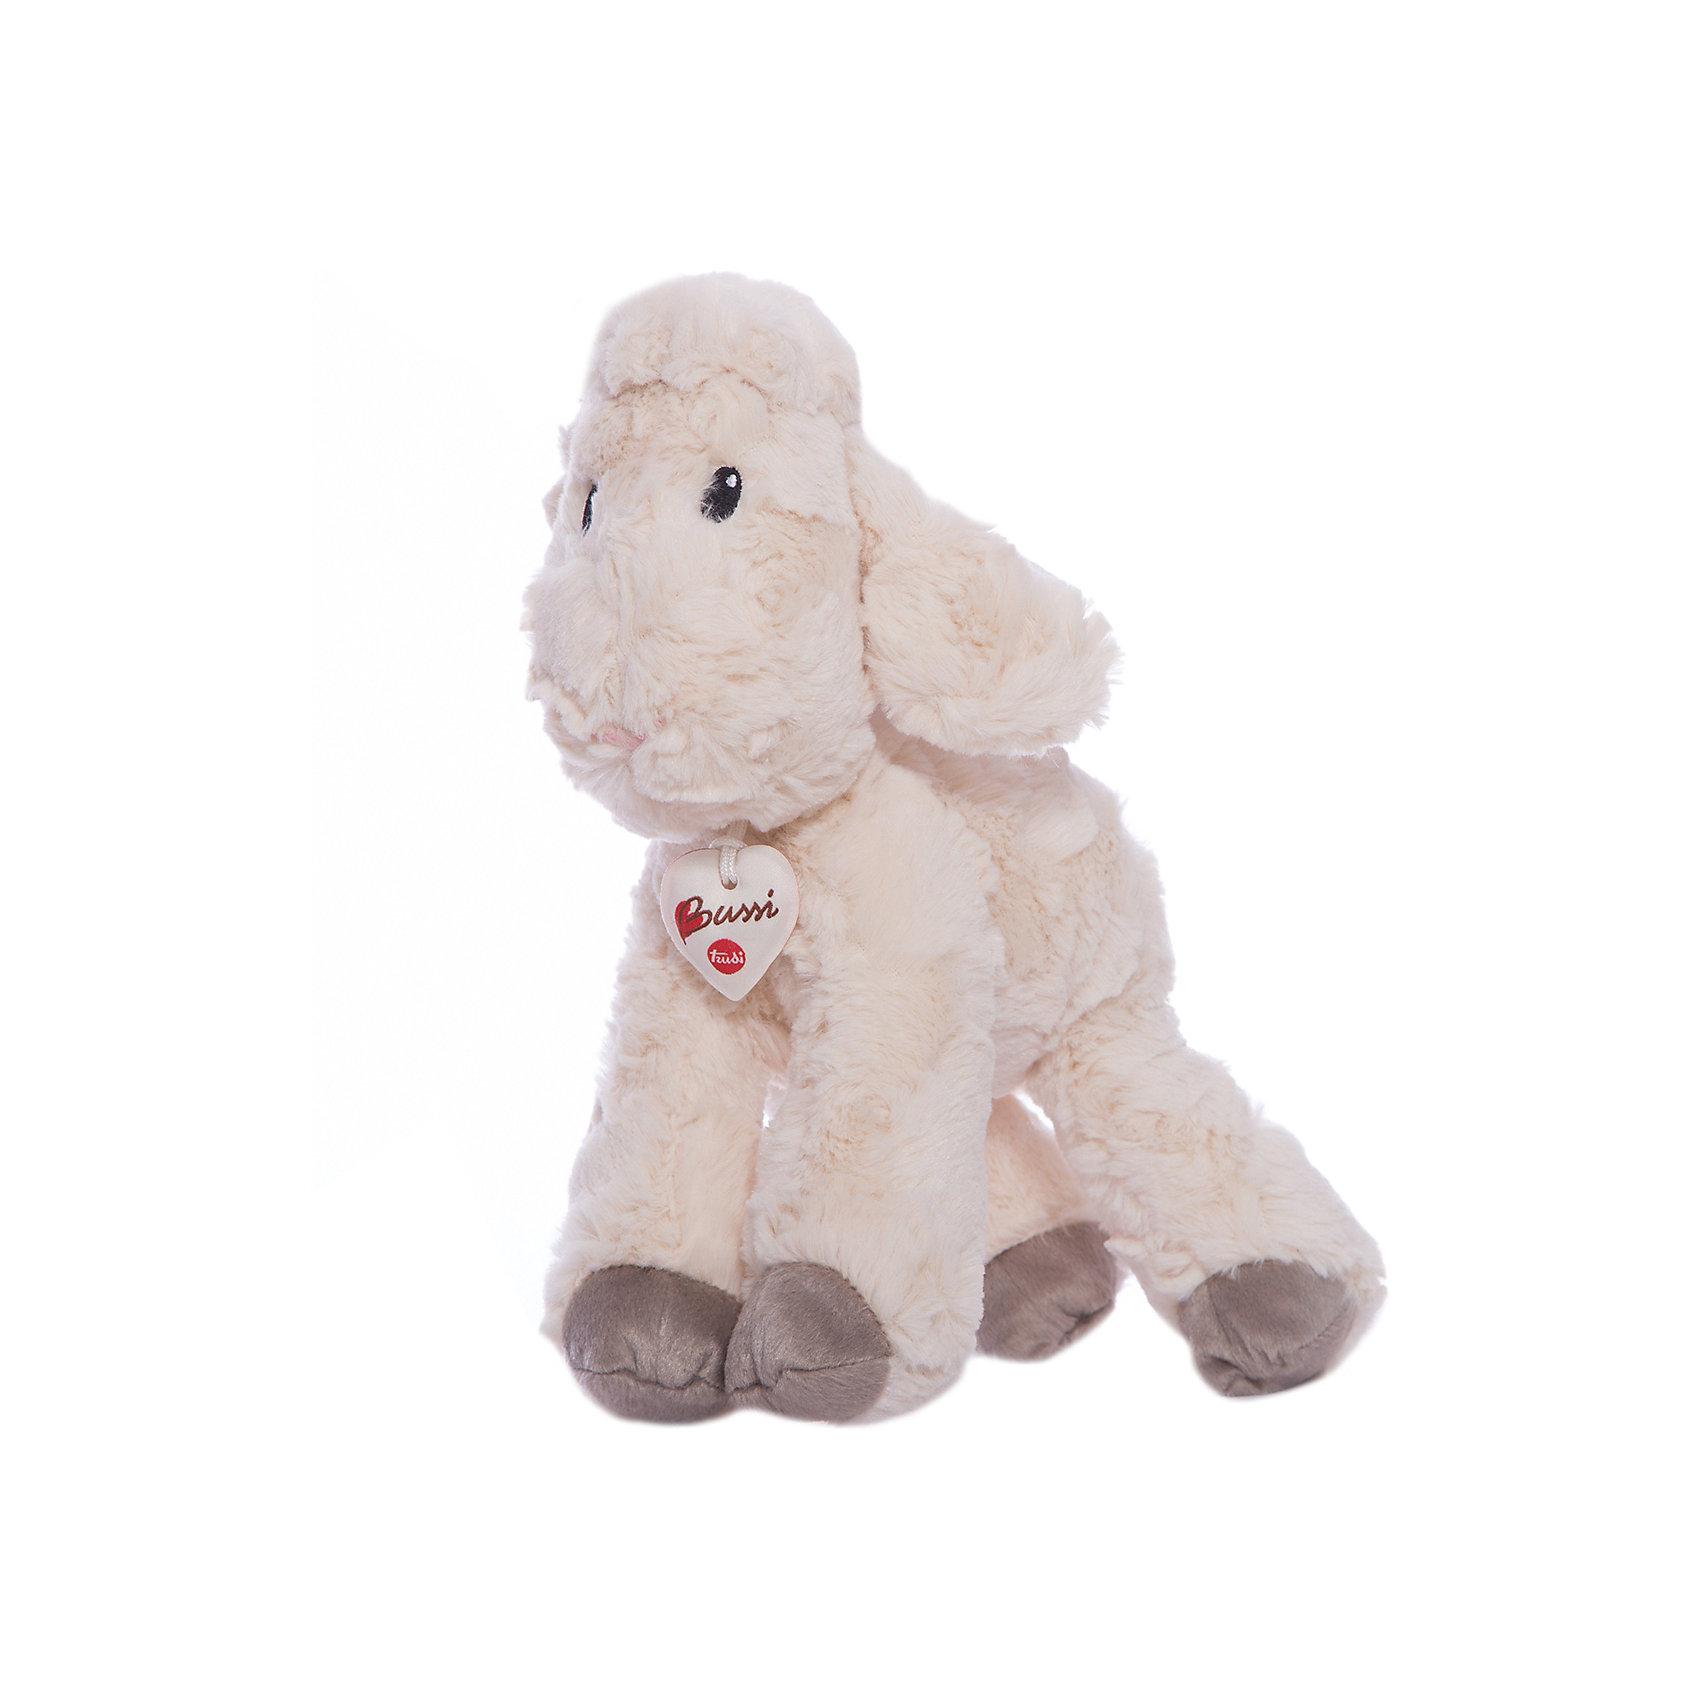 Белая овечка, 38 см, TrudiЗвери и птицы<br>Очаровательная овечка от Trudi станет лучшим другом вашему малышу! У милой овечки очень мягкая шерстка, маленький розовый носик, добрые озорные глаза - с ней будет очень весело играть днем и спокойно и уютно засыпать ночью. Игрушка изготовлена из высококачественных нетоксичных, экологичных материалов абсолютно безопасных для детей. Благодаря тщательной проработке всех деталей, кошка выглядит очень реалистично, что, несомненно, порадует ребенка. Прекрасный подарок на любой праздник!<br><br>Дополнительная информация:<br><br>- Материал: плюш, пластик, текстиль, искусственный мех. <br>- Высота: 38 см. <br>- Допускается машинная стирка при деликатной режиме (30 ?).<br><br>Белую овечку, 38 см, Trudi (Труди), можно купить в нашем магазине.<br><br>Ширина мм: 280<br>Глубина мм: 250<br>Высота мм: 380<br>Вес г: 250<br>Возраст от месяцев: 12<br>Возраст до месяцев: 2147483647<br>Пол: Унисекс<br>Возраст: Детский<br>SKU: 5055250